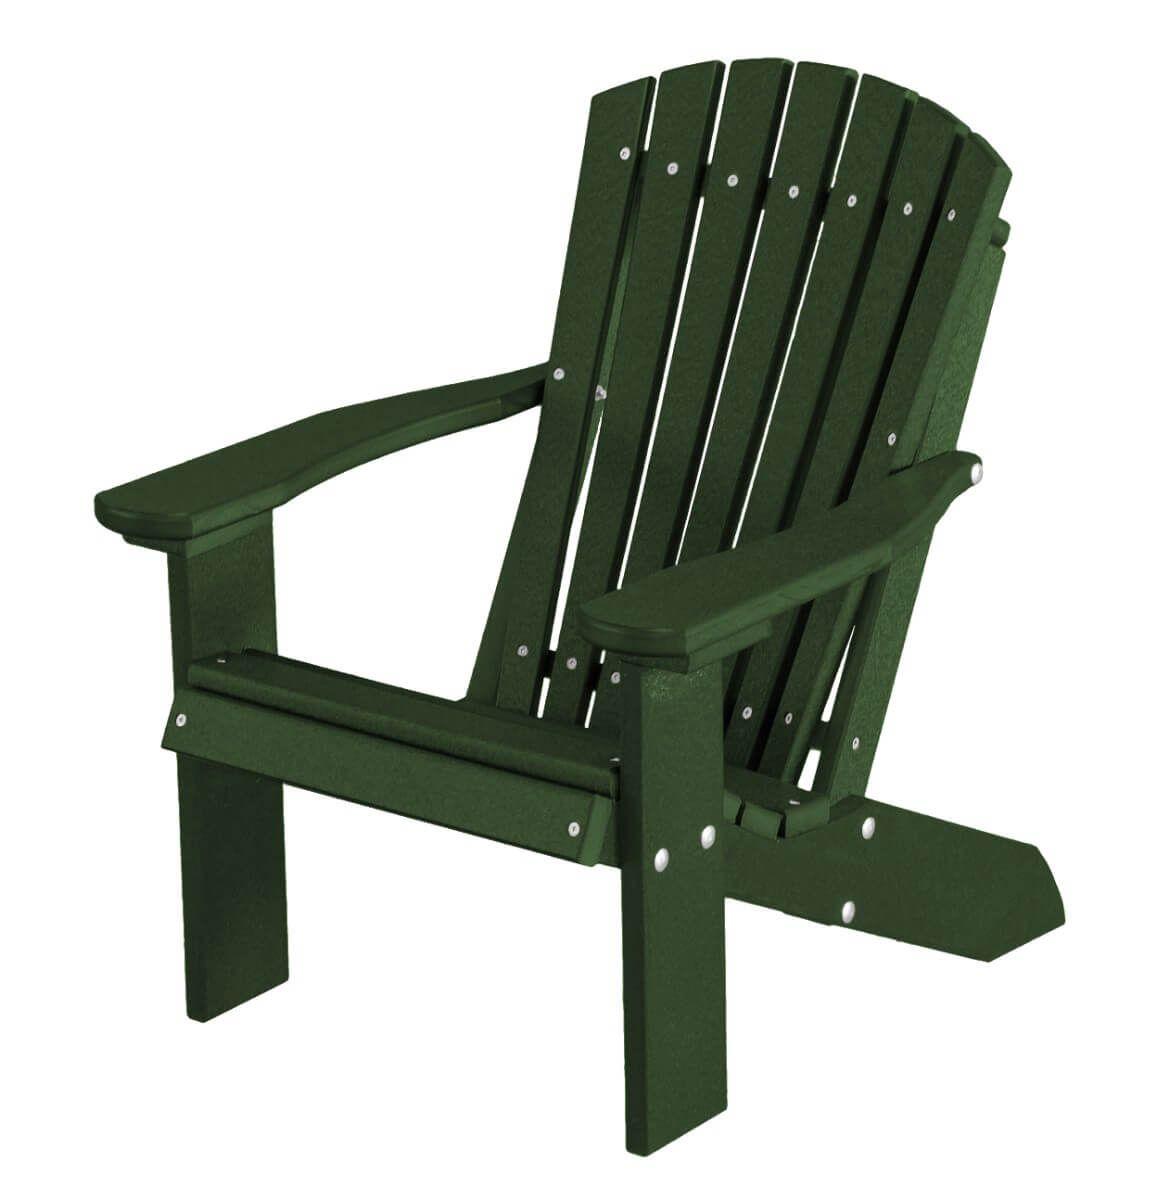 Turf Green Sidra Child's Adirondack Chair